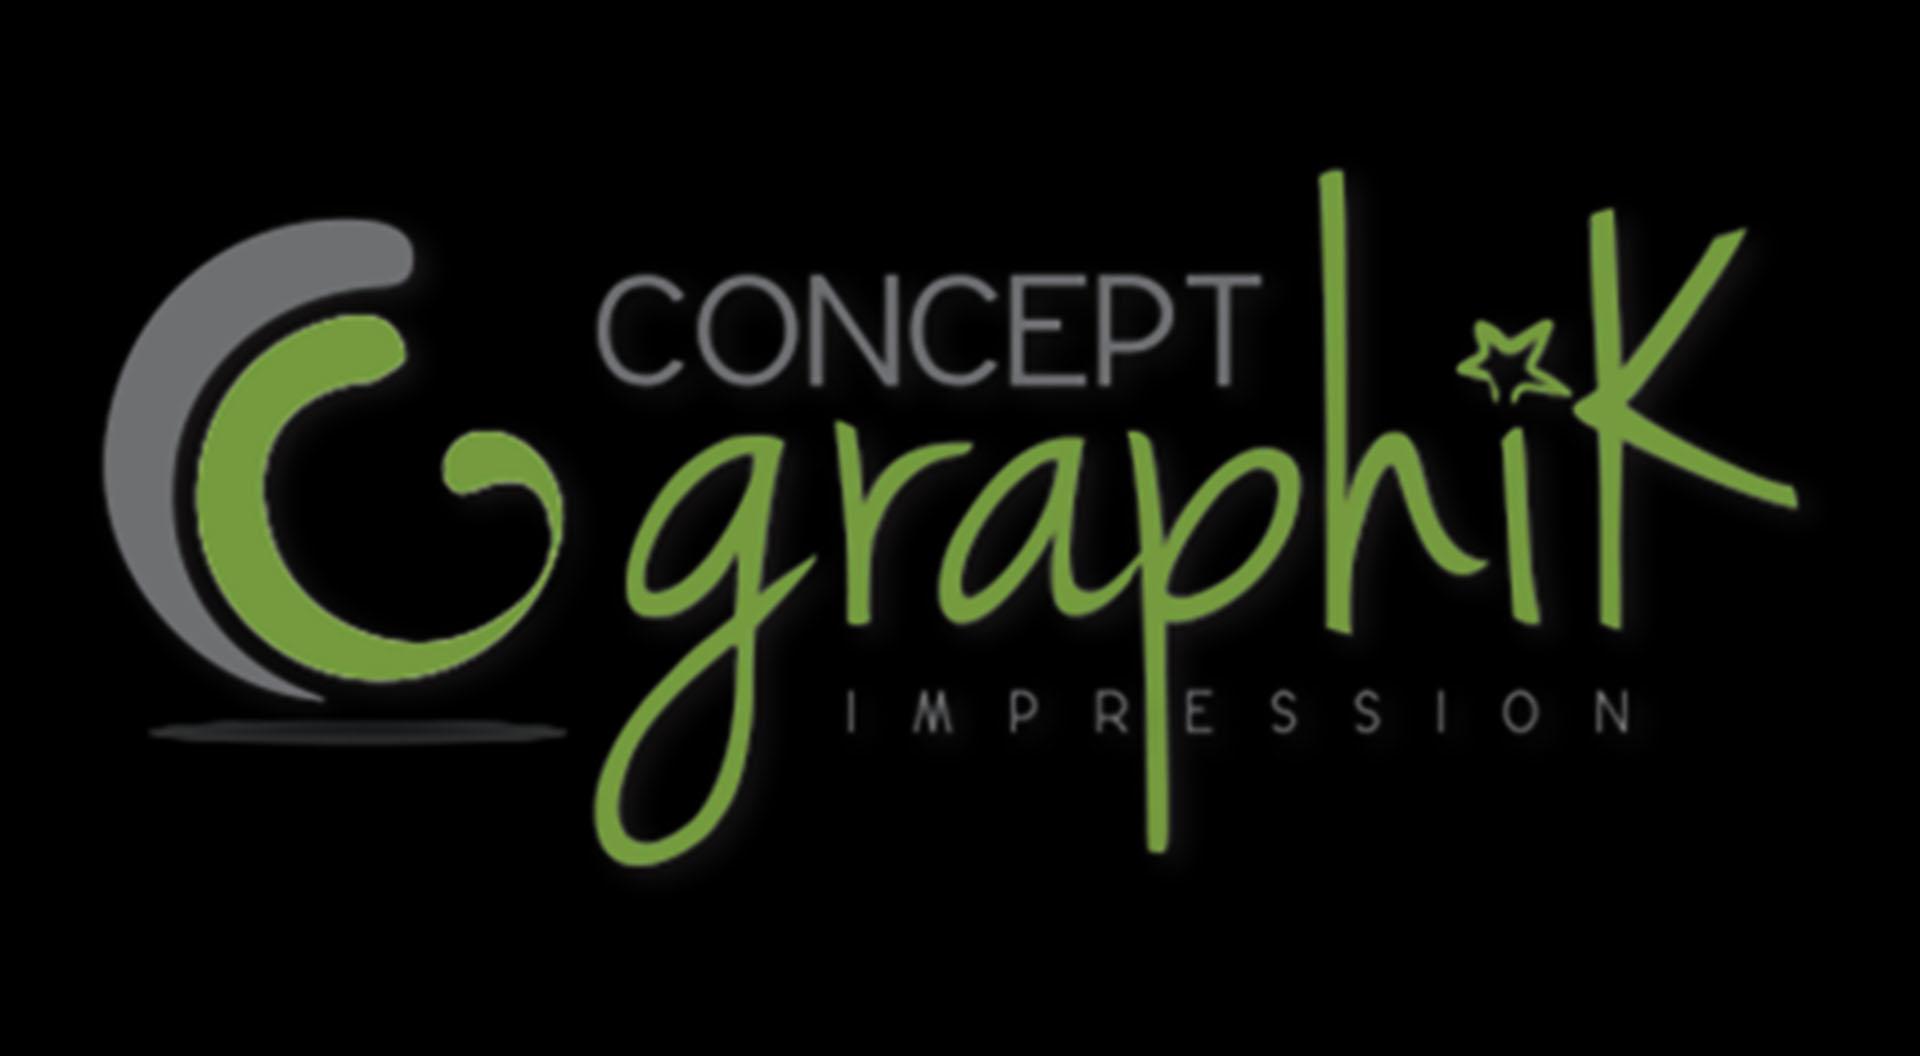 Concept Graphik